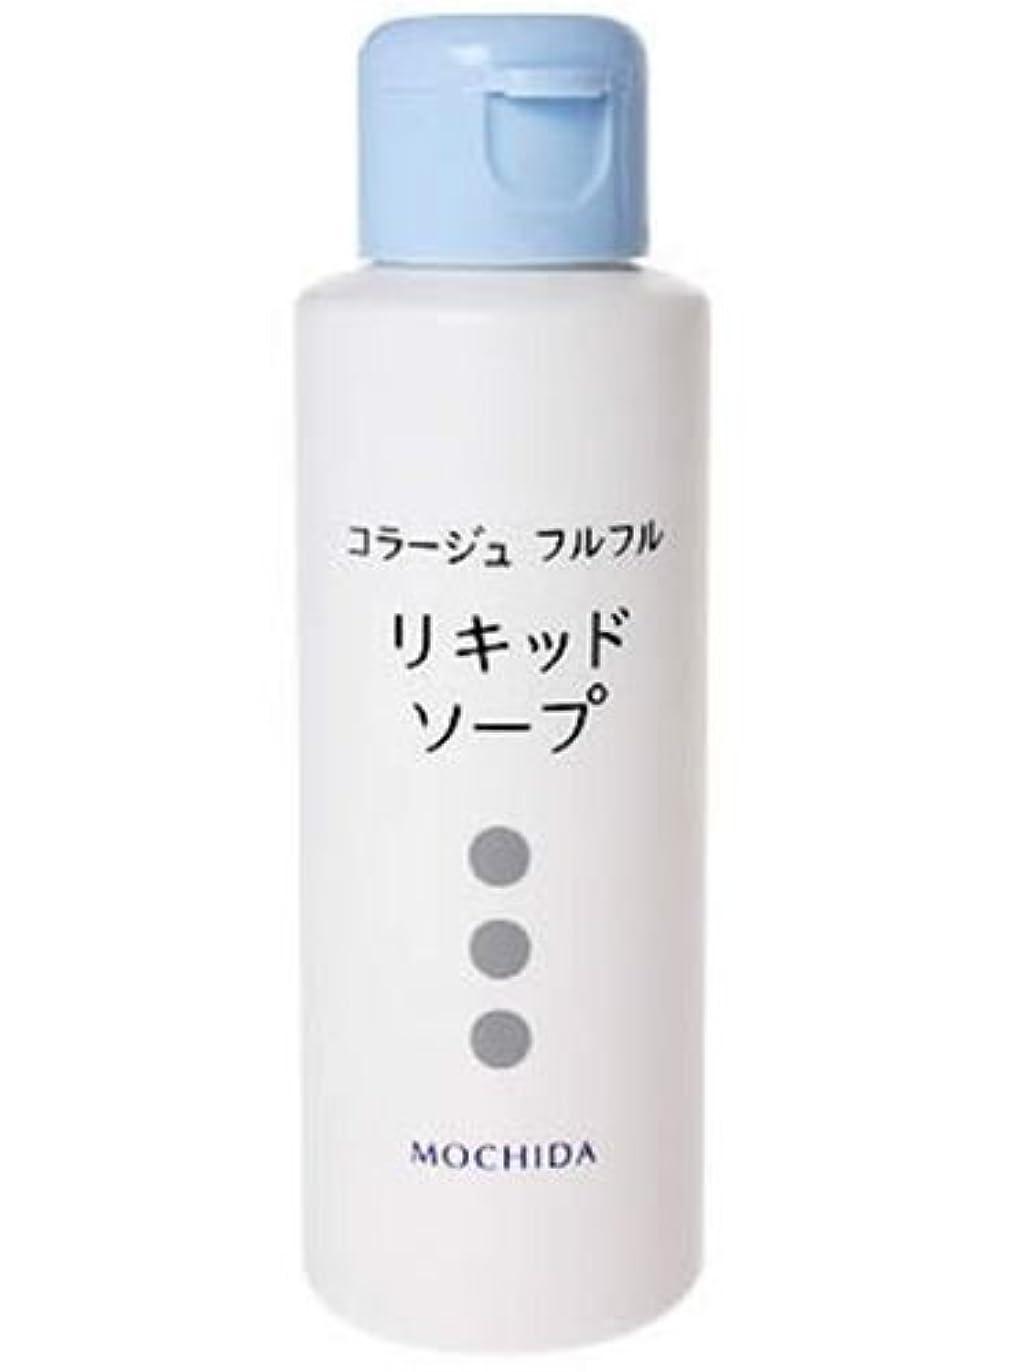 勧告彼らソーセージコラージュフルフル液体石鹸(100ml)